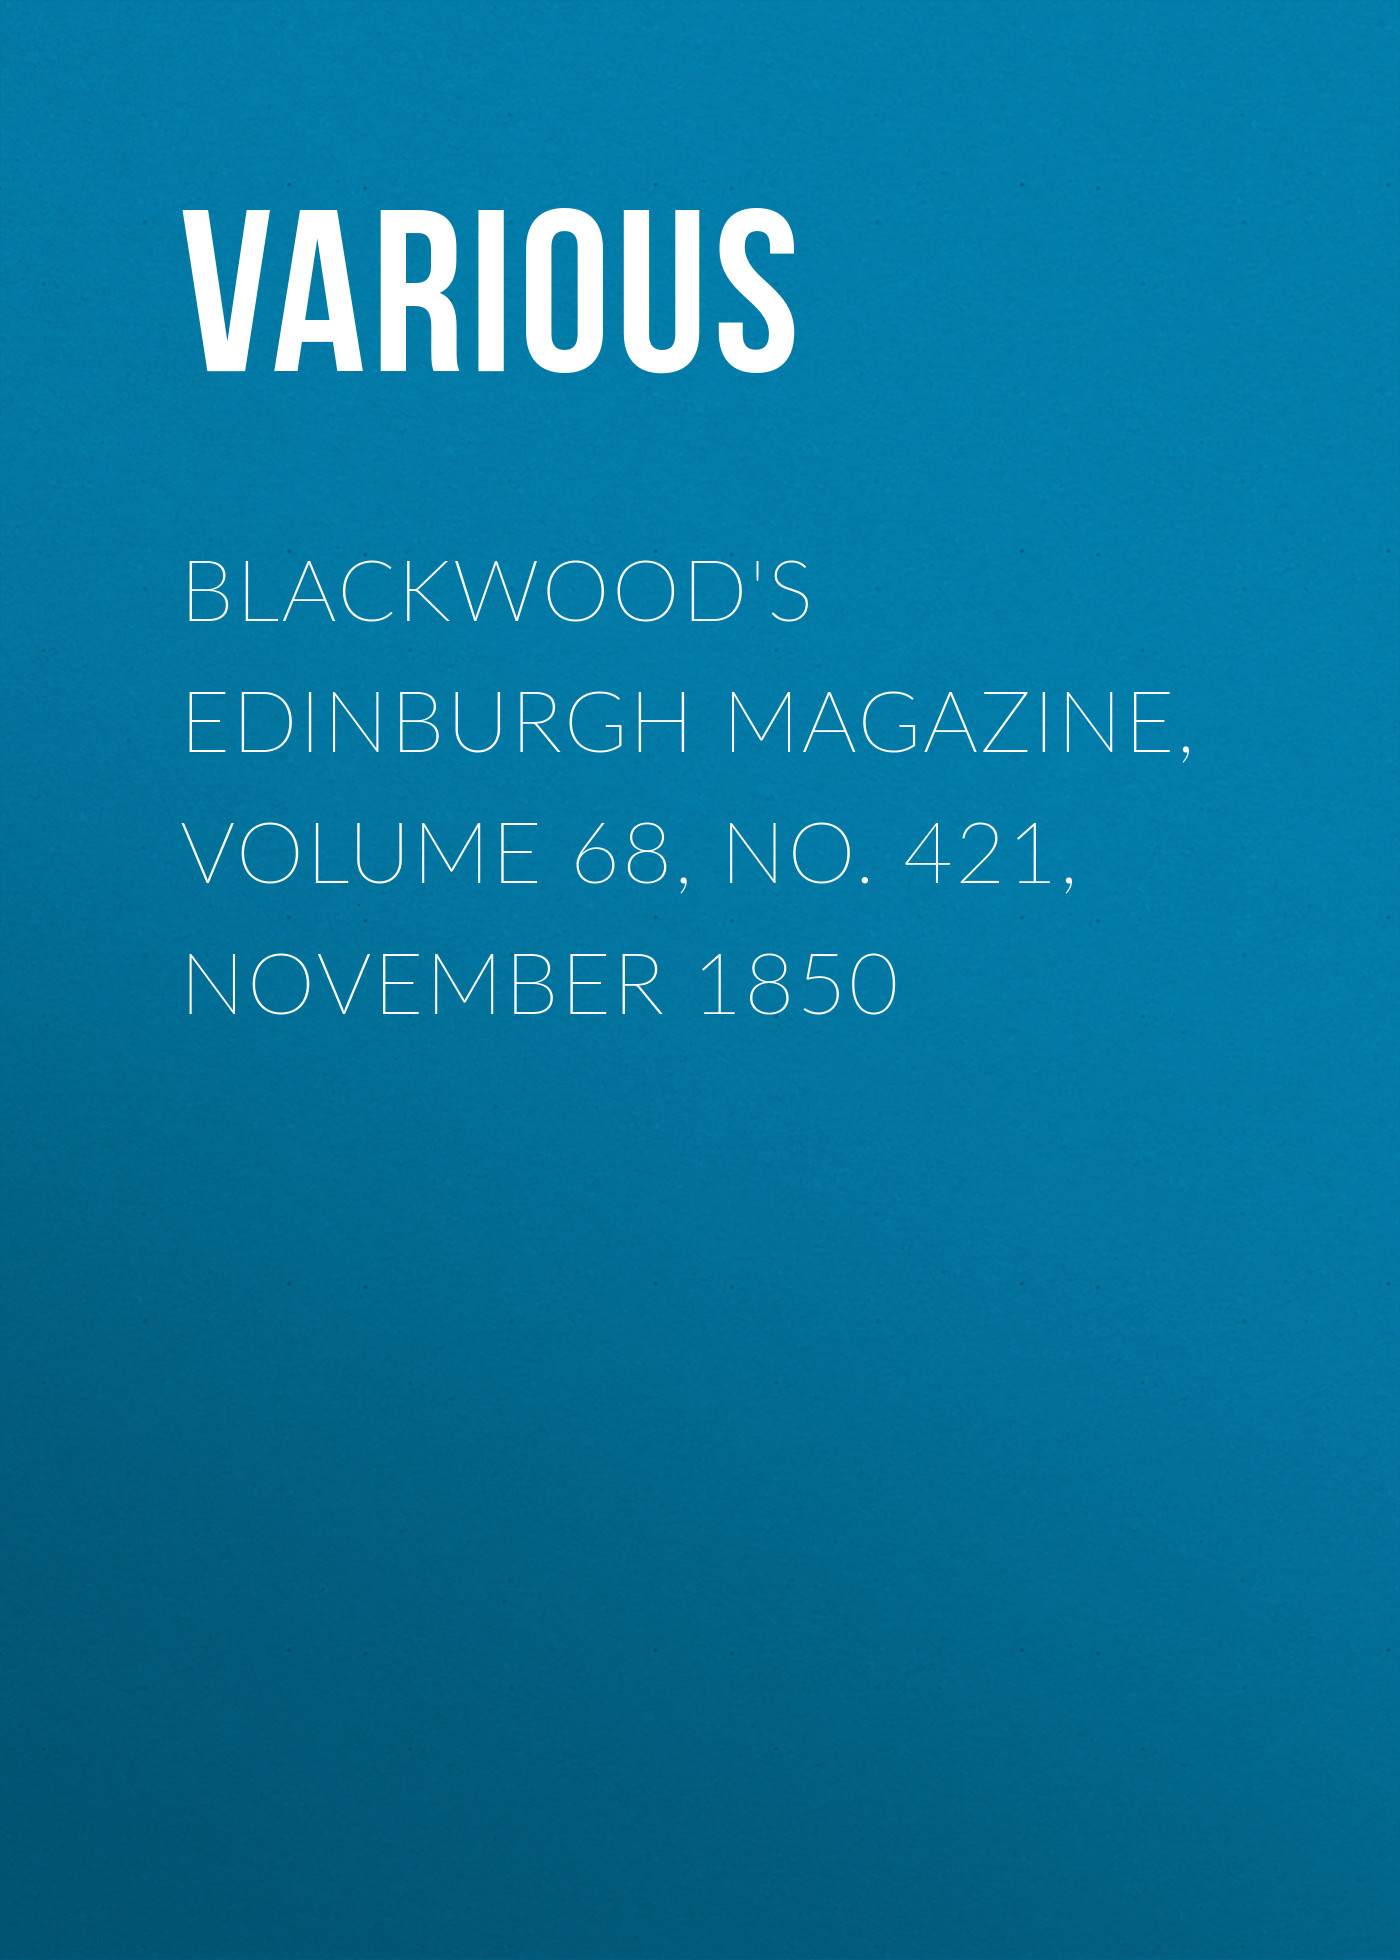 лучшая цена Various Blackwood's Edinburgh Magazine, Volume 68, No. 421, November 1850